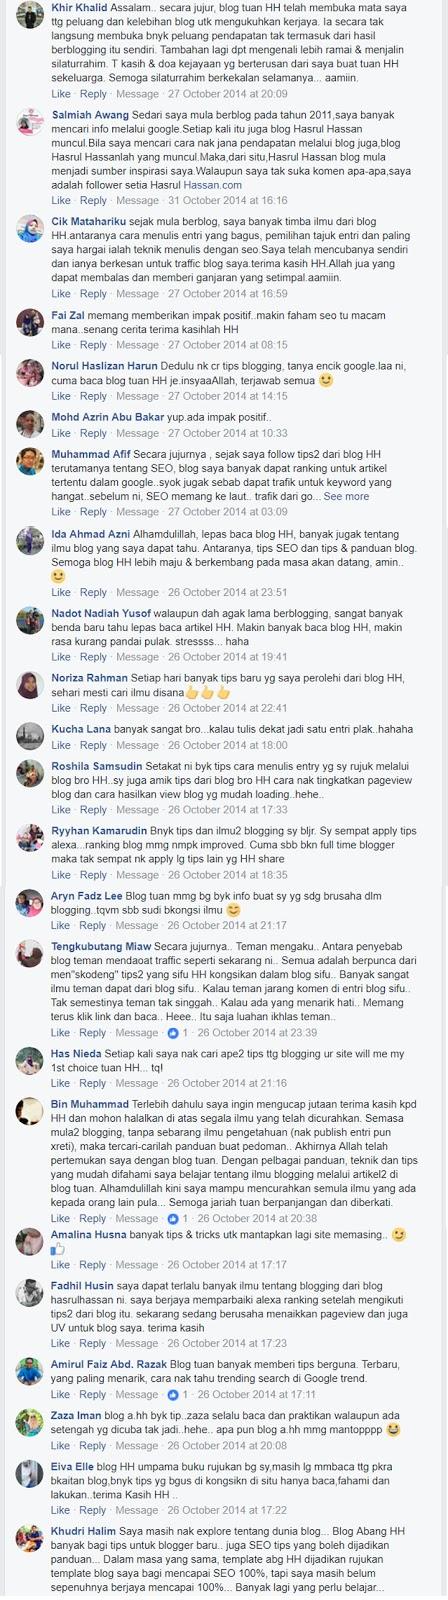 Testimoni pembaca blog hasrulhassan.com